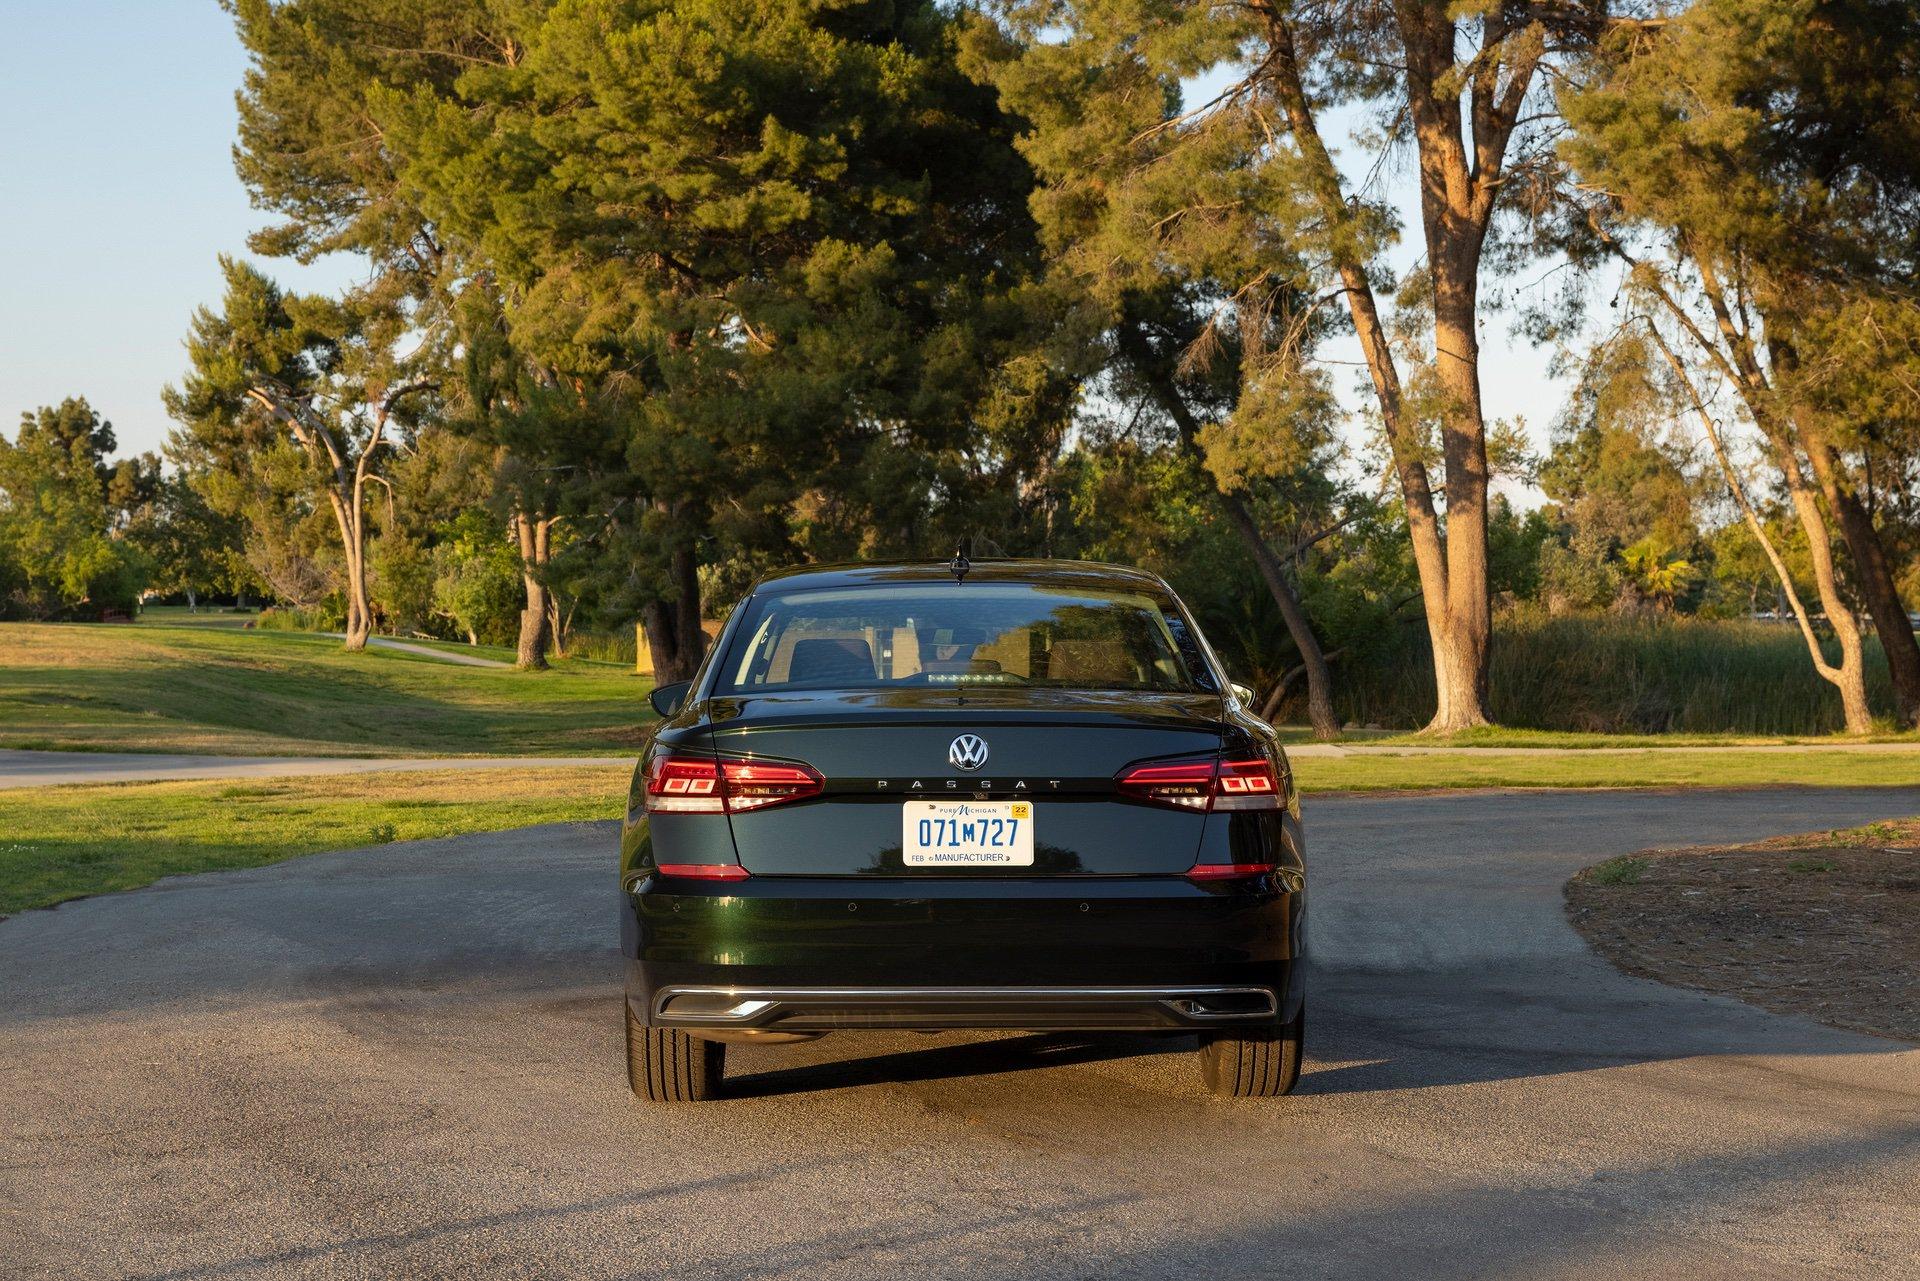 VW_Passat_Limited_Edition_US_spec-0003